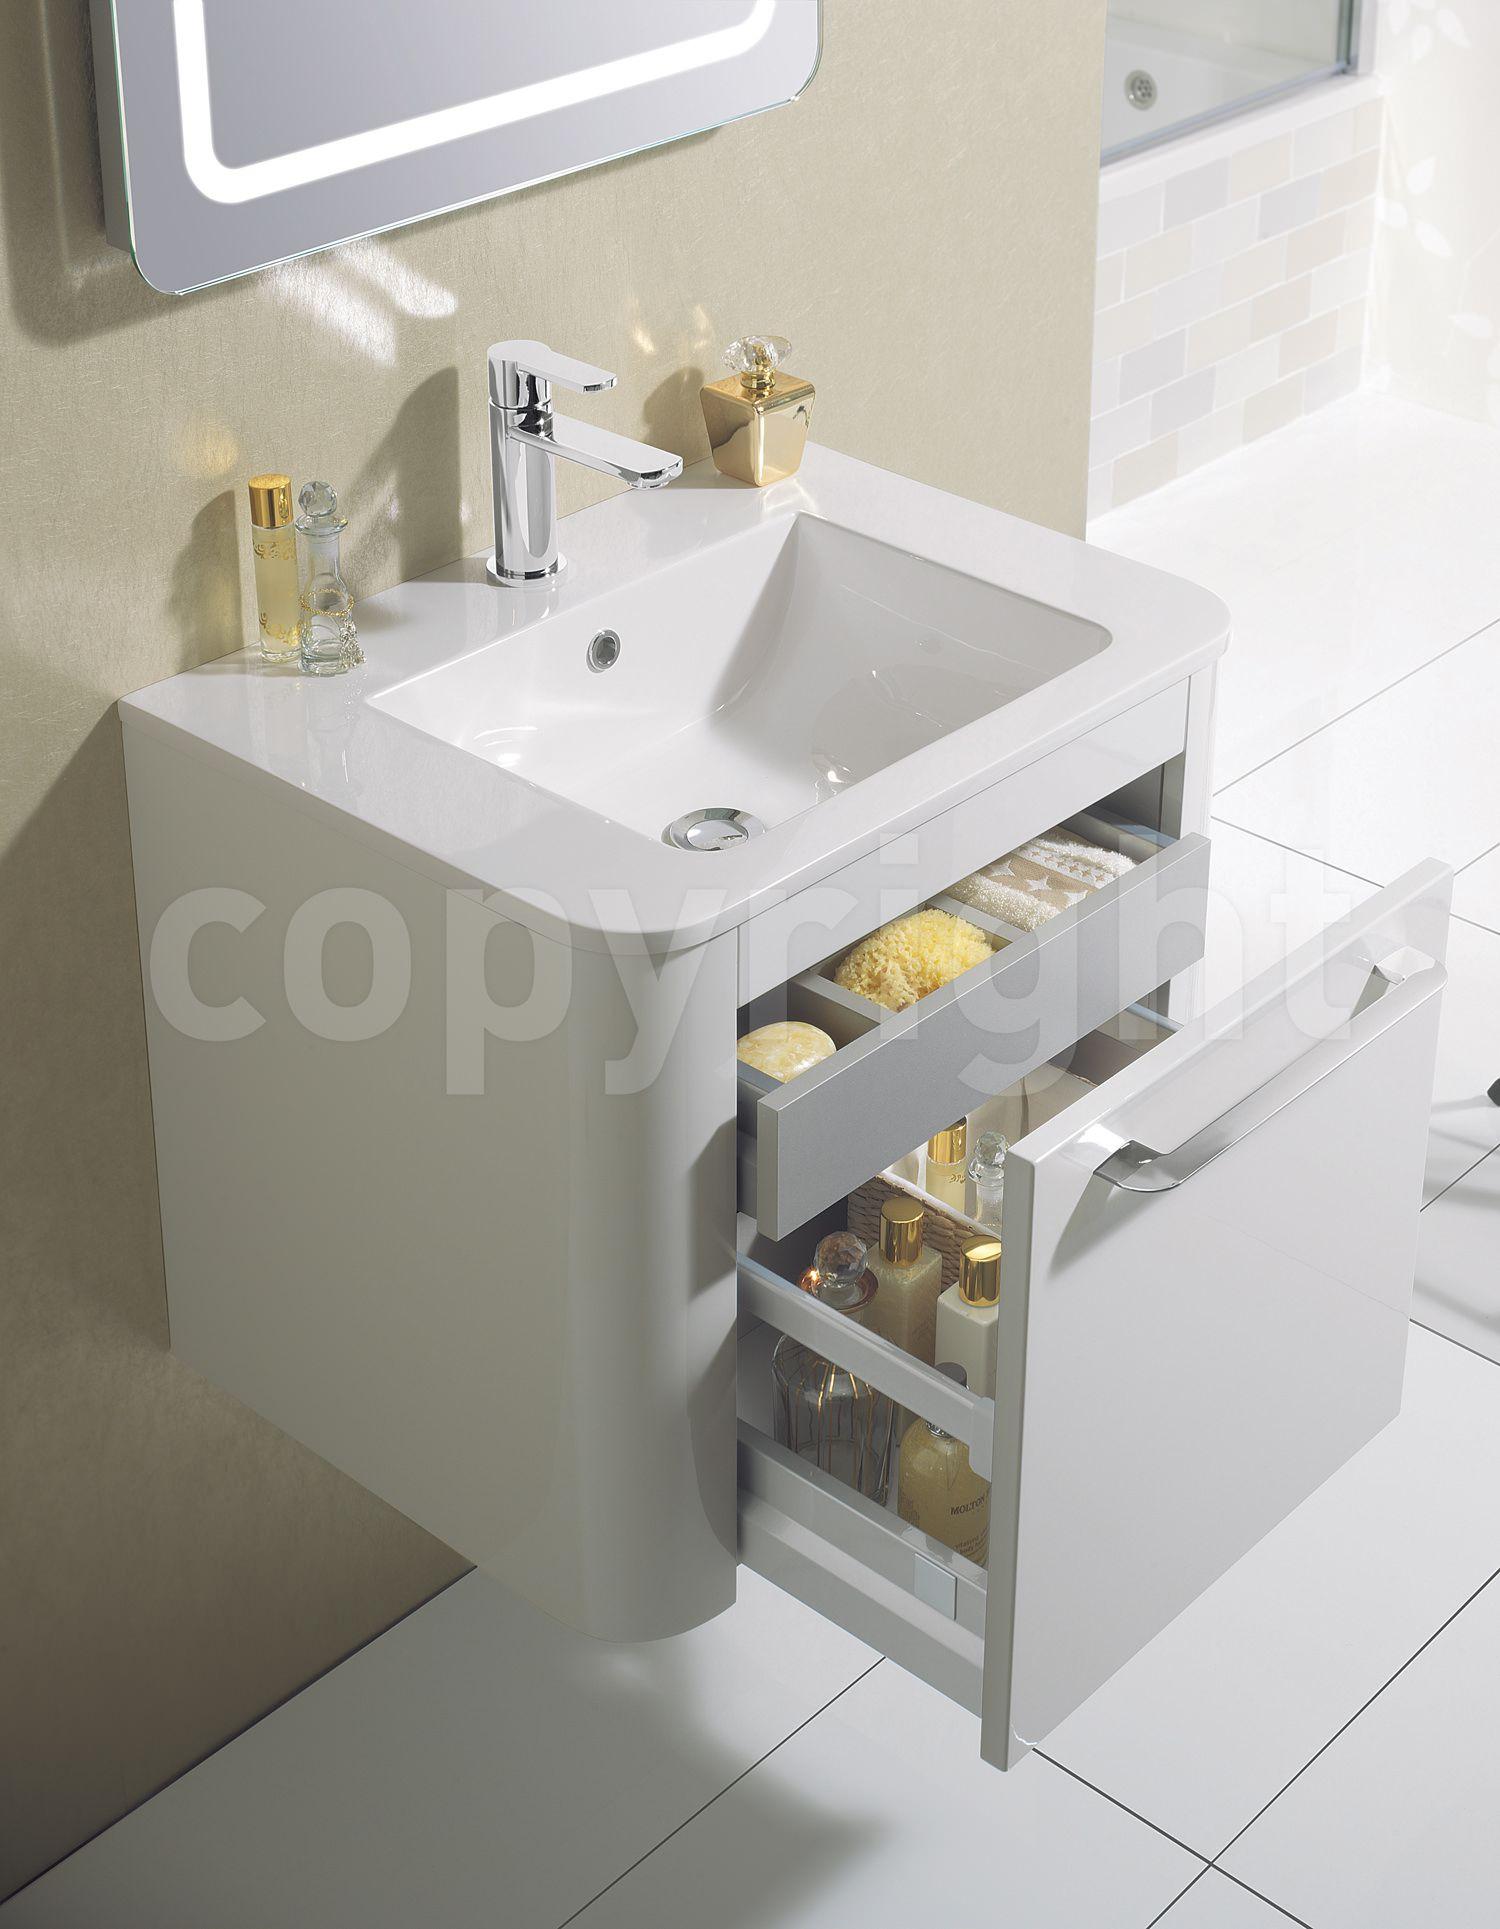 Bauhaus Armaturen Badezimmer Möbel Design Badezimmer Möbel Ideen